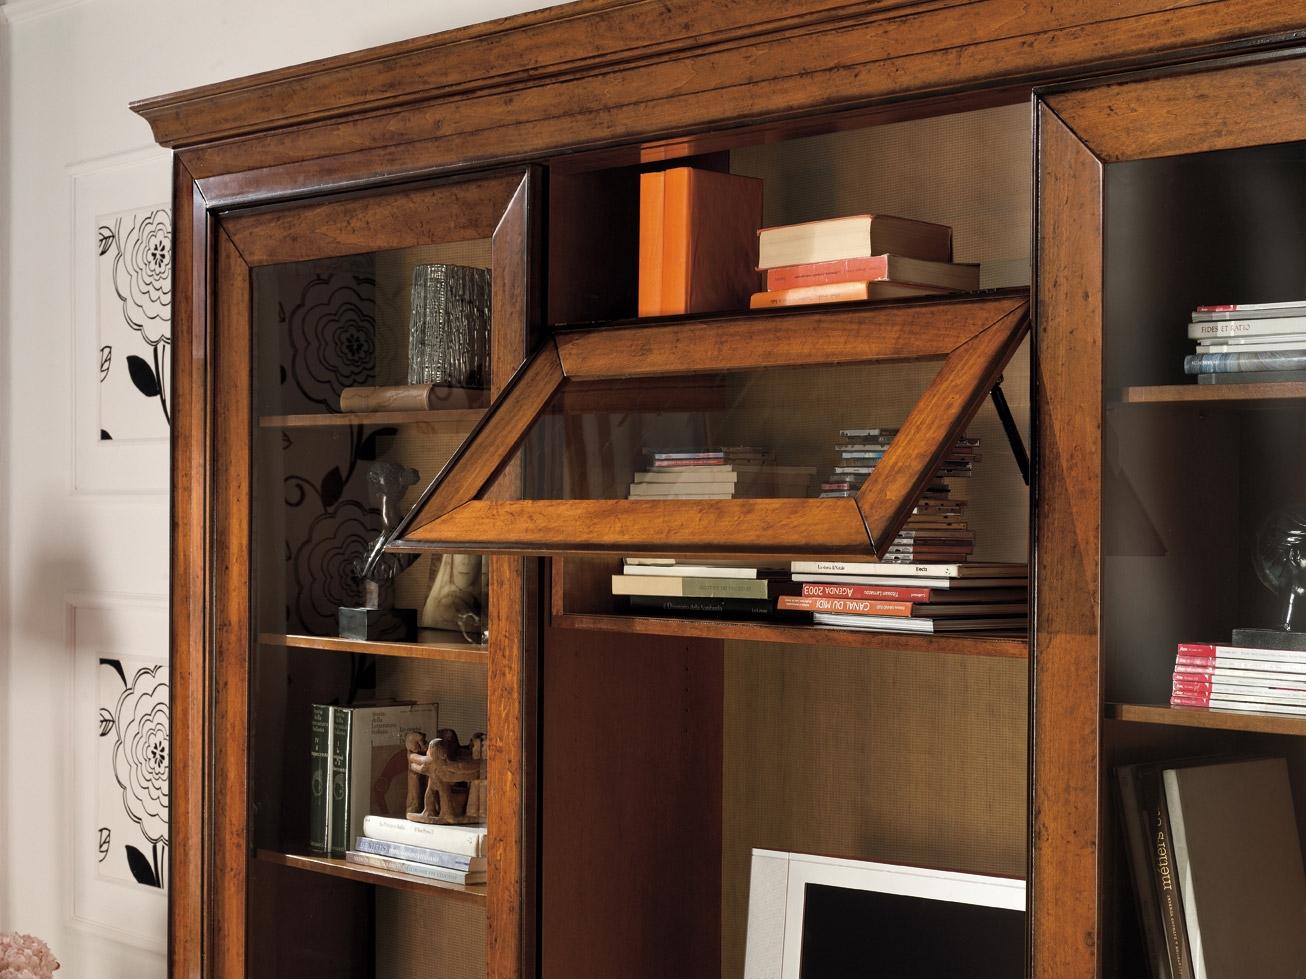 Soggiorno libreria ante scorrevoli intarsiate scontato del - Soggiorno in legno ...